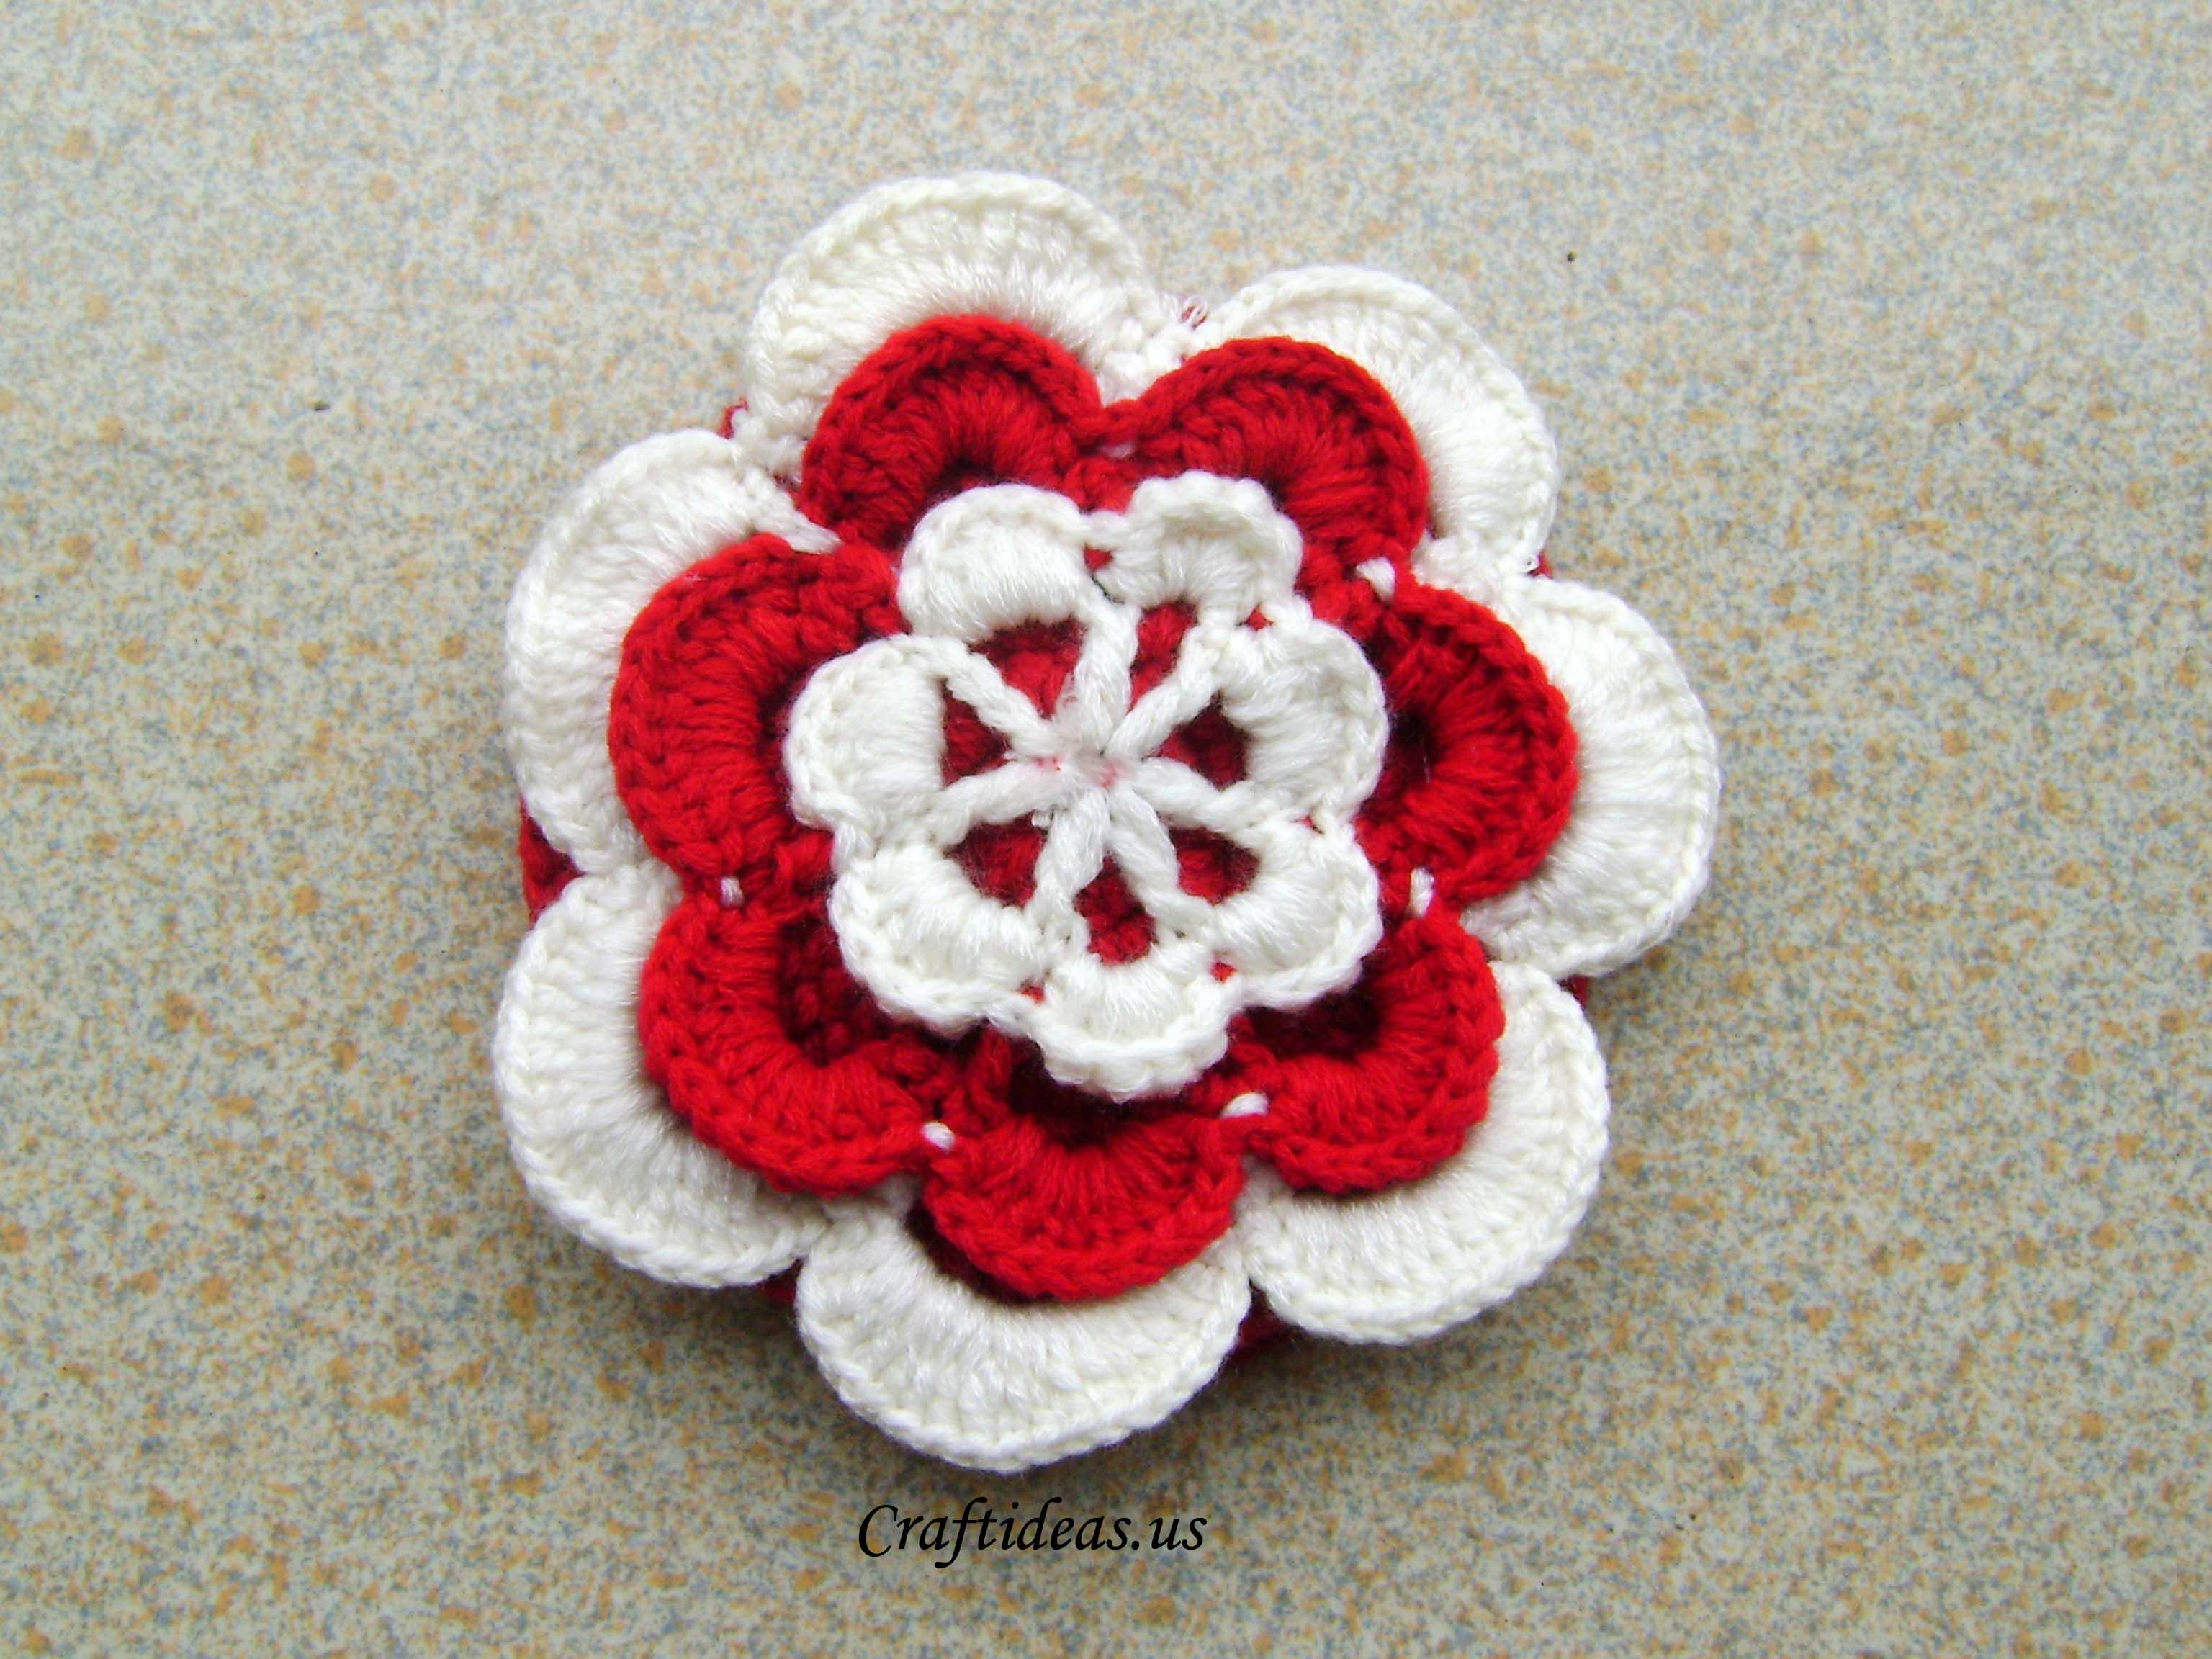 Crochet flower purse for baby girls - Craft Ideas